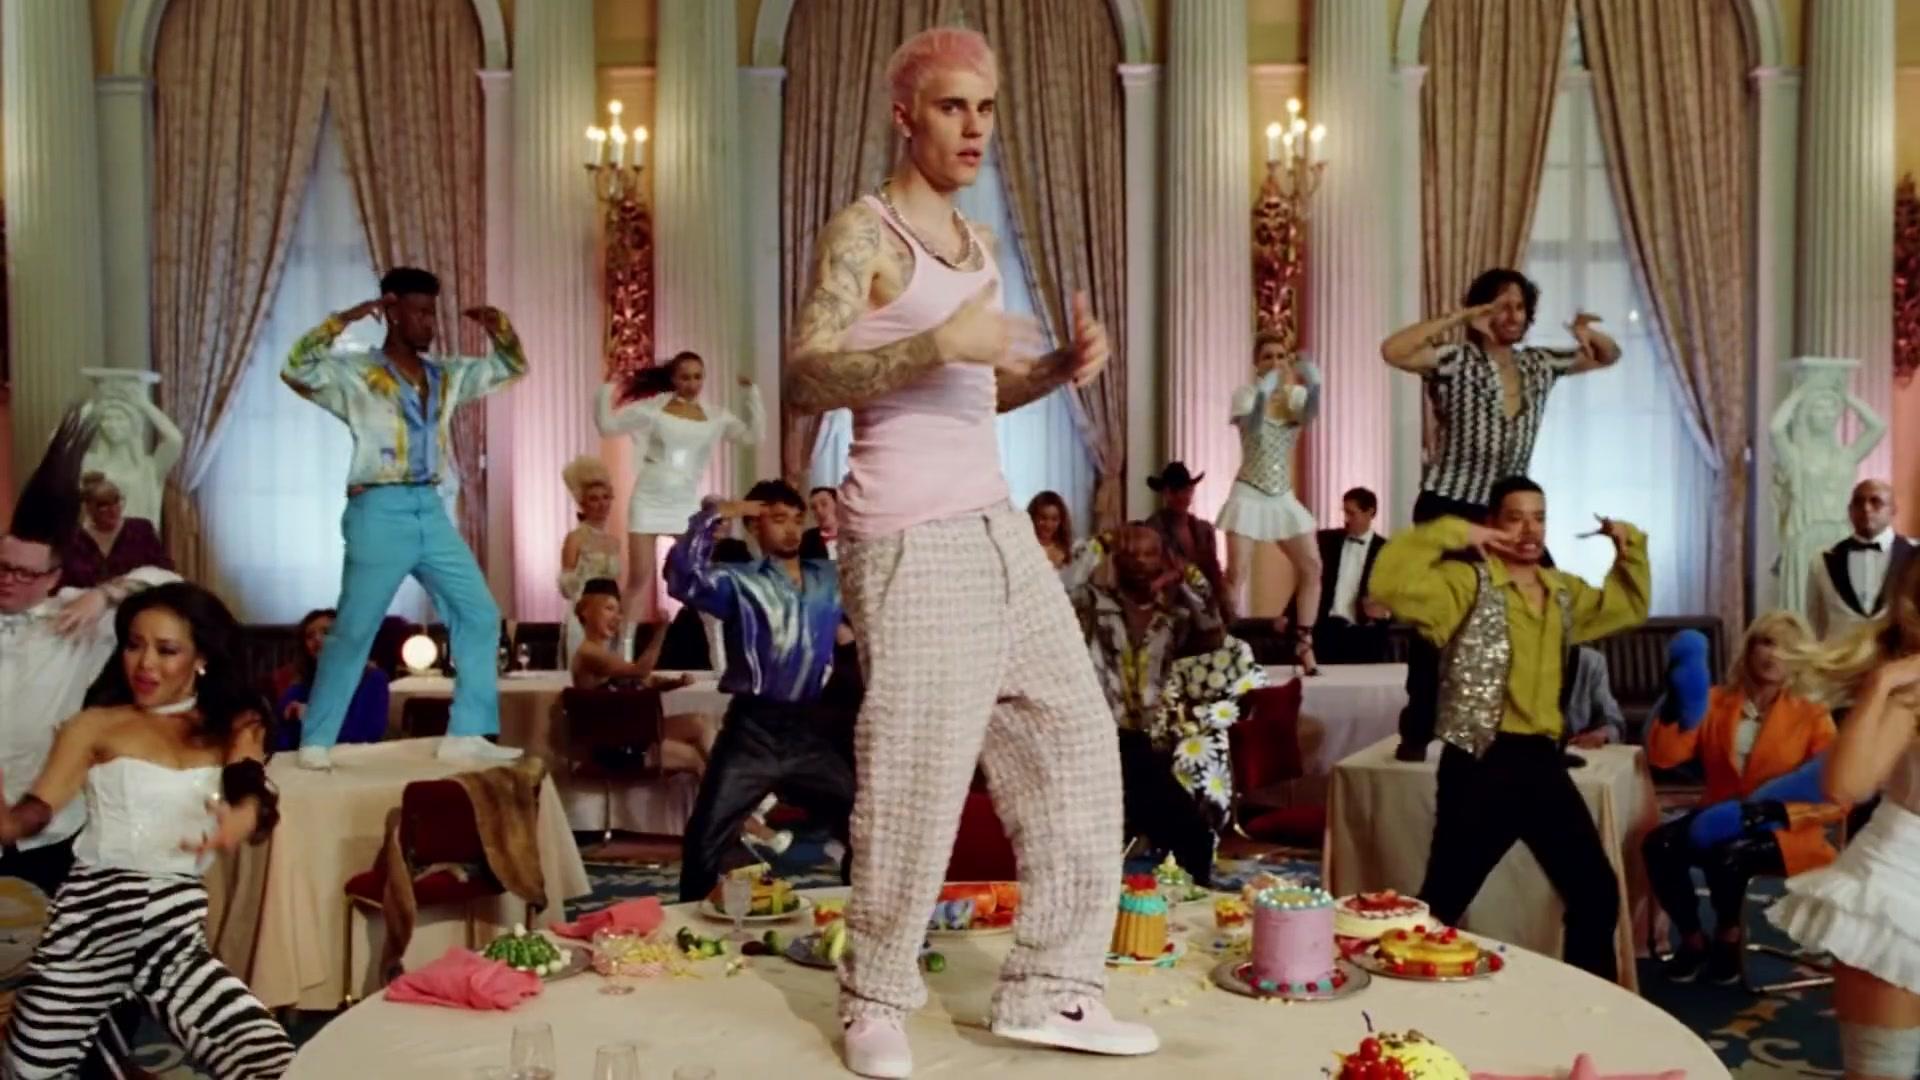 A imagem é uma cena do videoclipe da música Yummy, de Justin Bieber. Na imagem, há um salão de jantar com várias mesas espalhadas. Ao centro, o cantor Justin Bieber está em cima de uma mesa, dançando. Justin é um homem branco, de cabelos lisos curtos e pintados de rosa claro, ele veste uma regata, calça xadrez larga e um par de tênis em tons de rosa. Ao fundo, há outras pessoas dançando em cima das mesas e espalhadas pelo salão, todos vestem roupas bem coloridas.